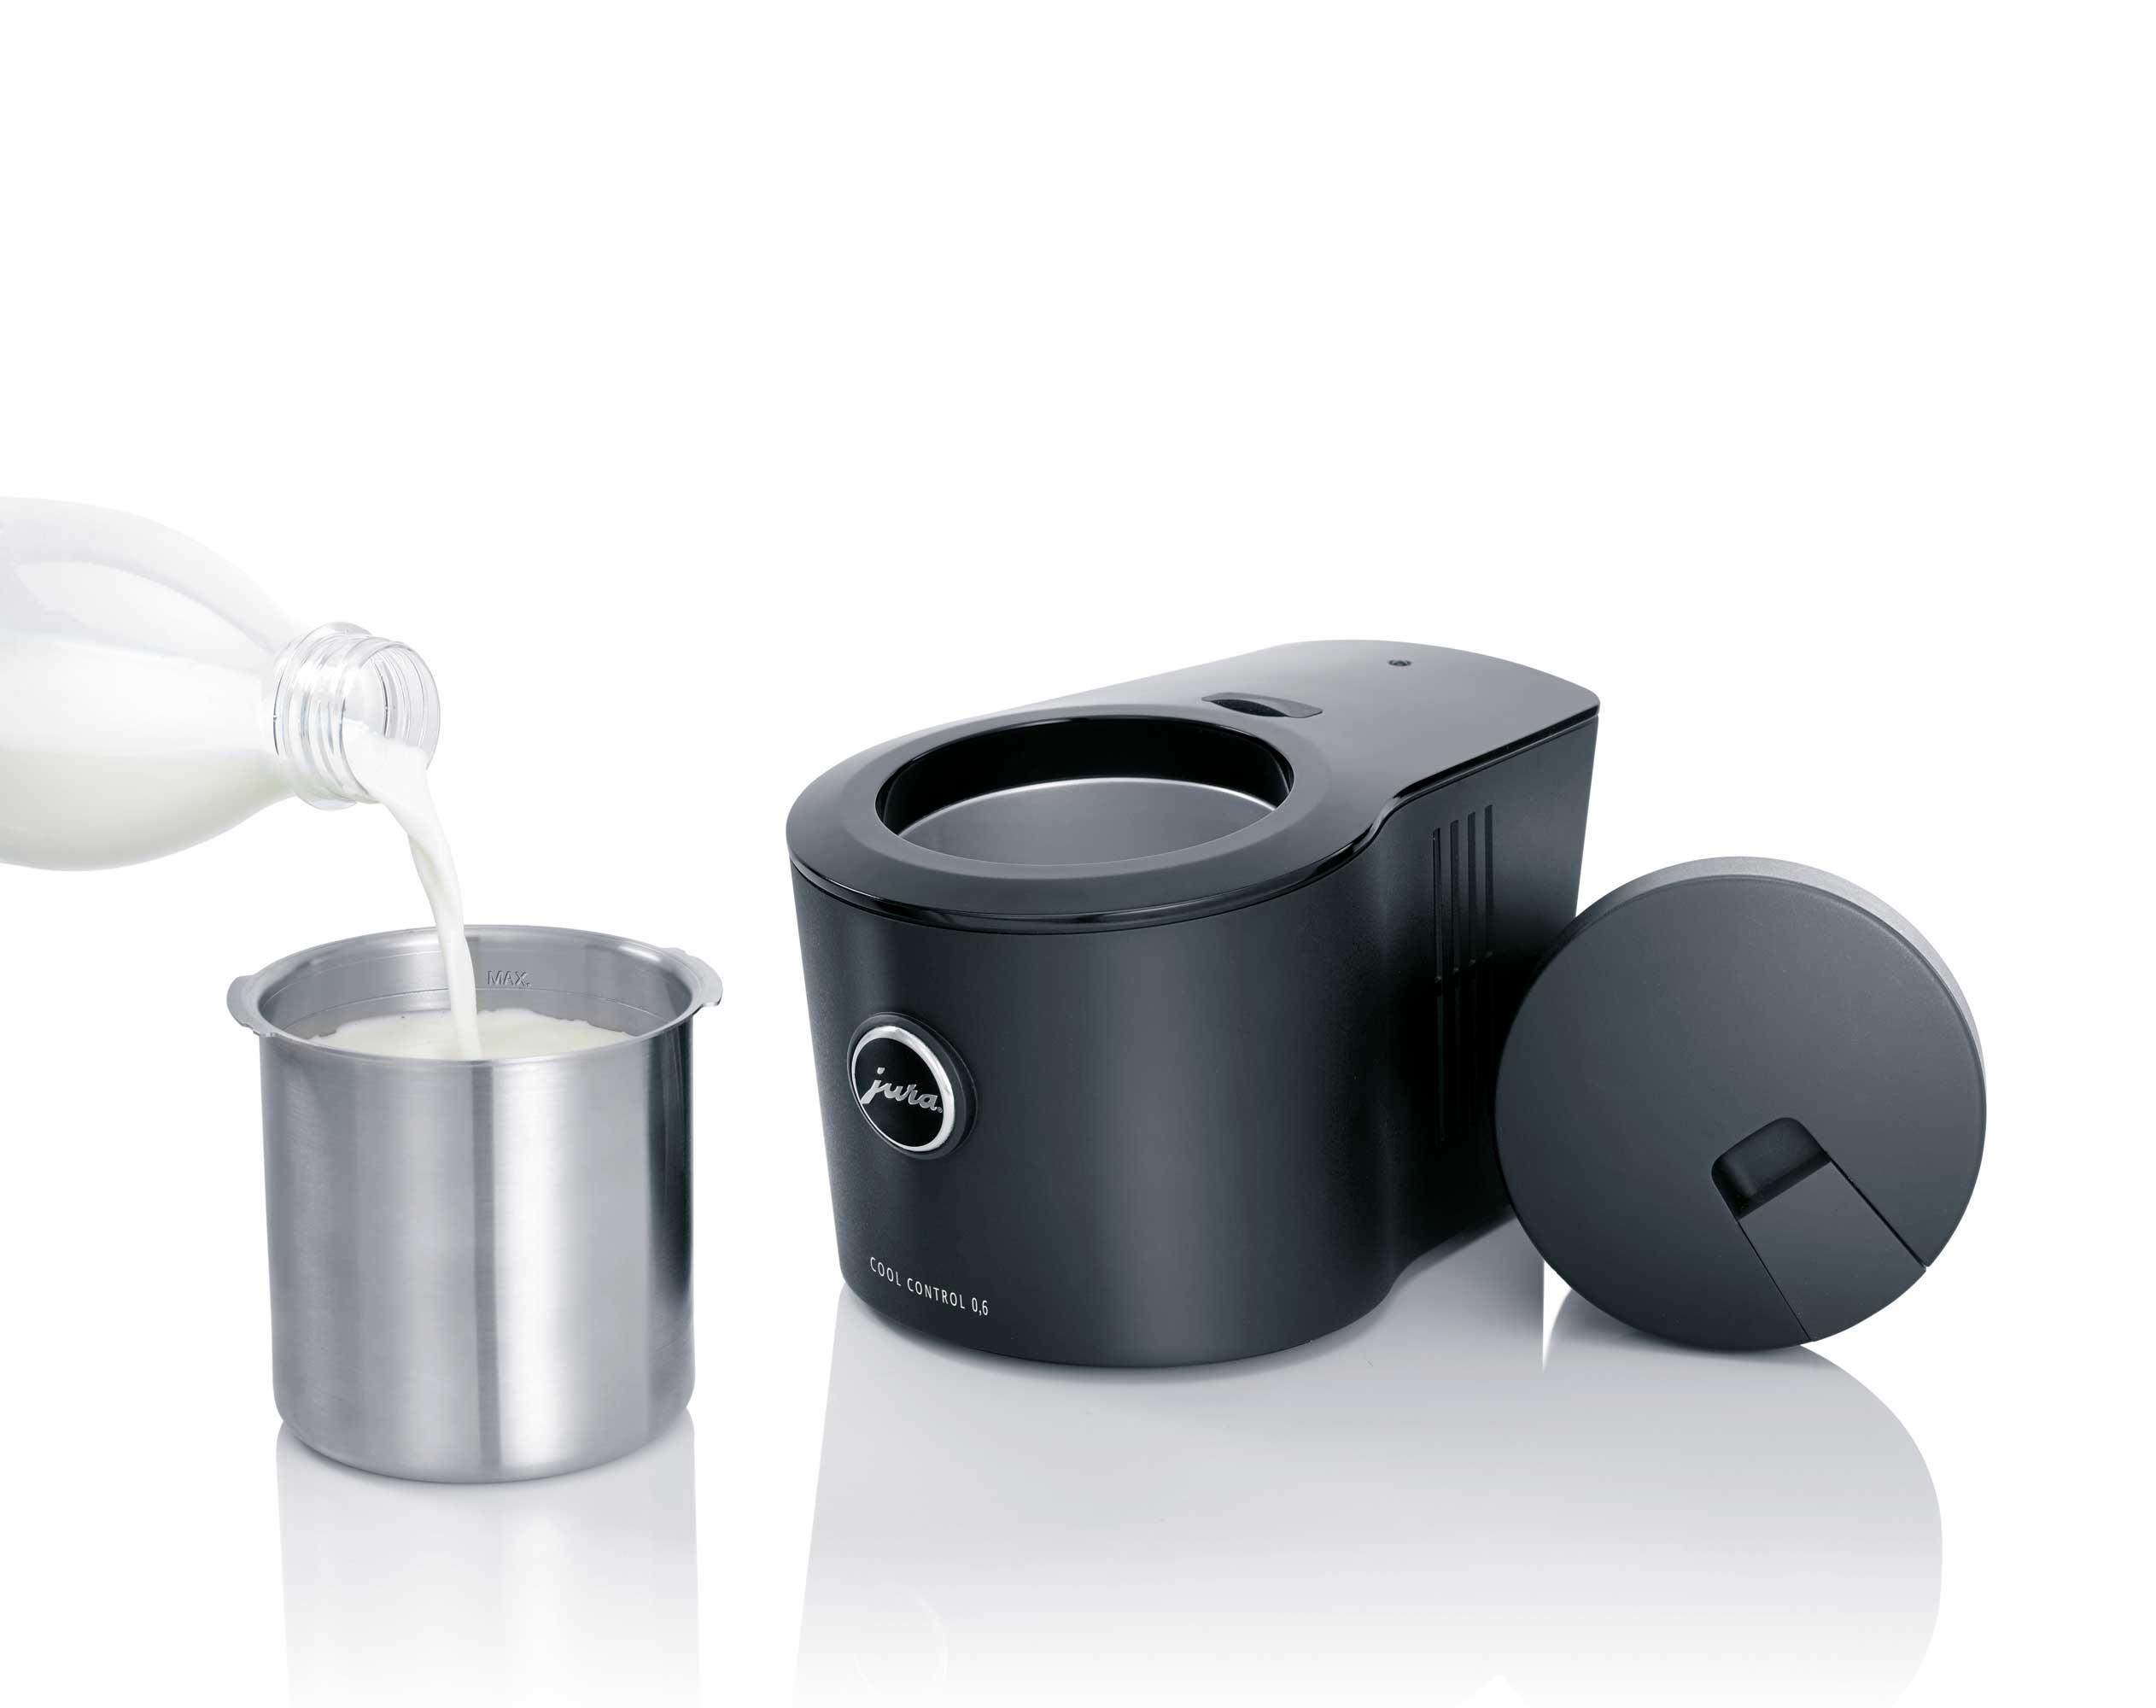 kaffee zubeh r g nstig online kaufen knicker wortmann. Black Bedroom Furniture Sets. Home Design Ideas